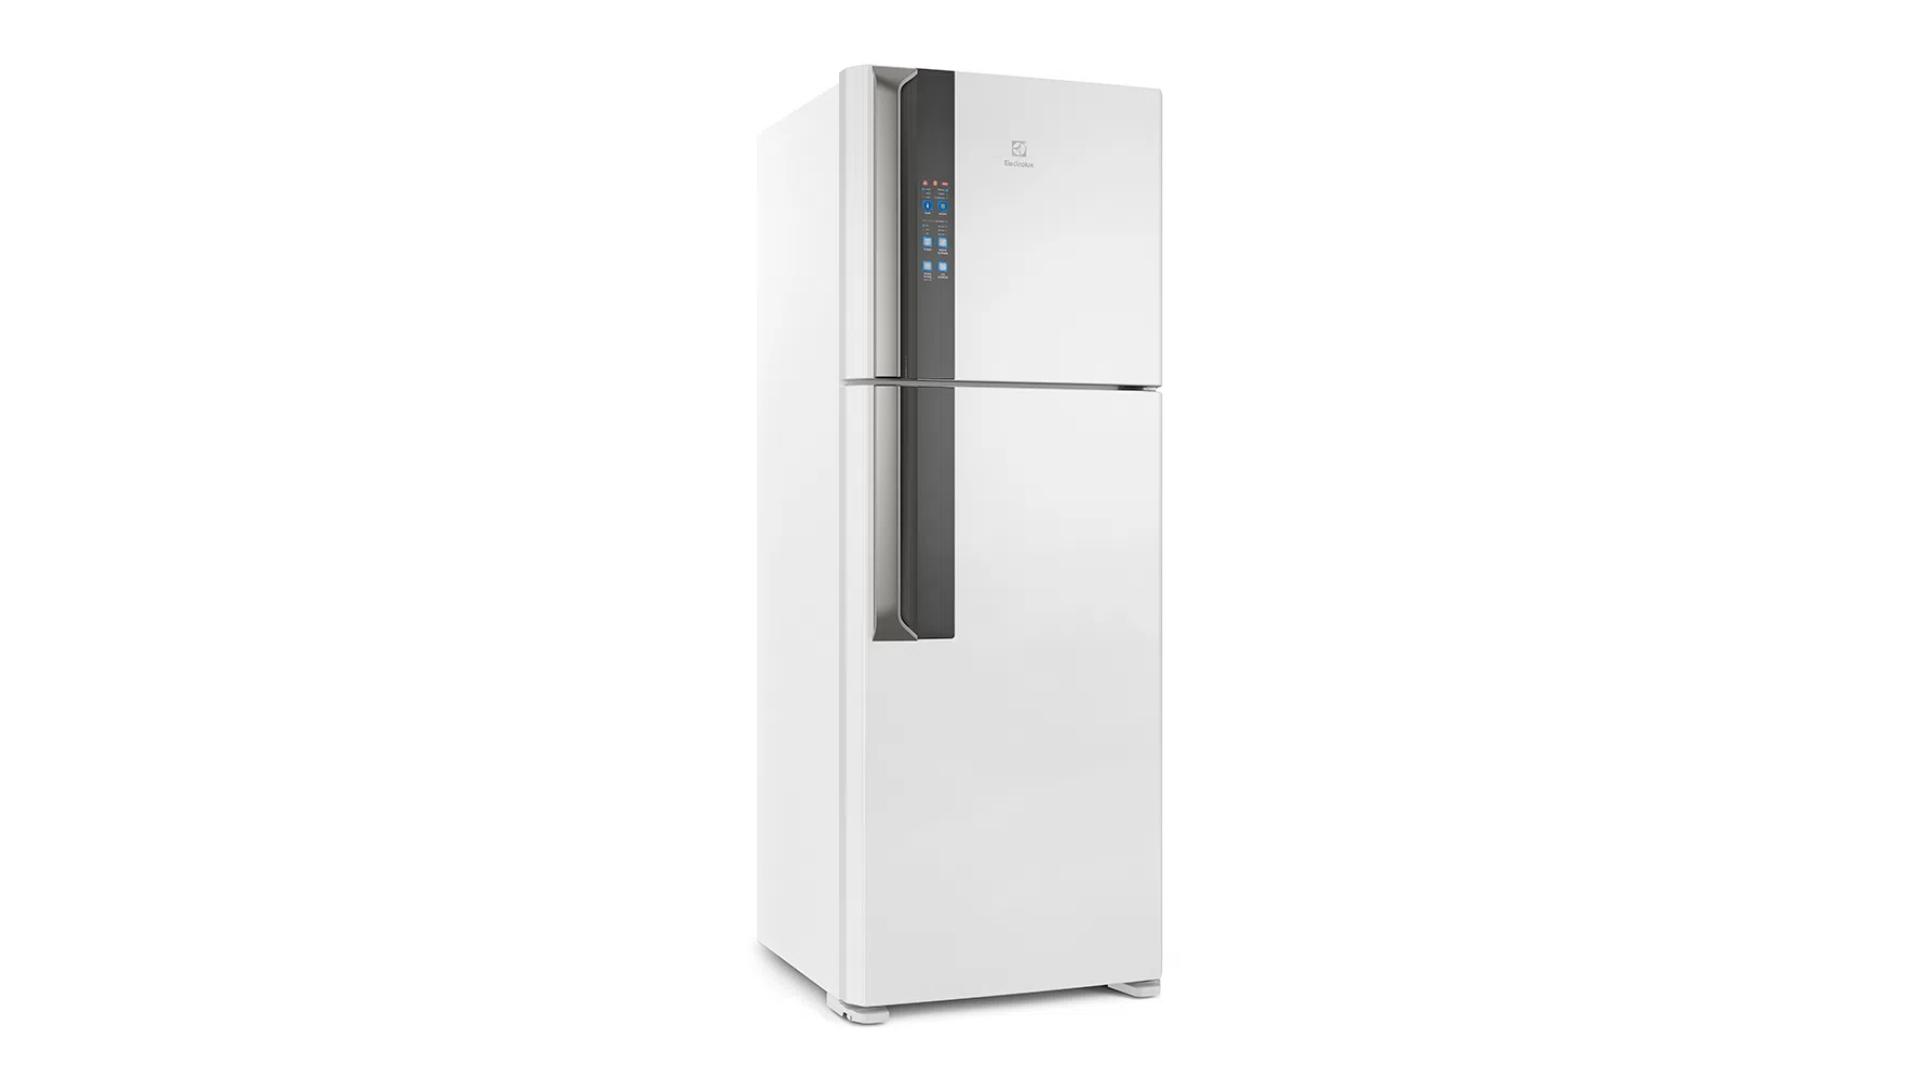 O design da Electrolux DF56 é moderno e combina com qualquer cozinha (Imagem: Divulgação/Electrolux)